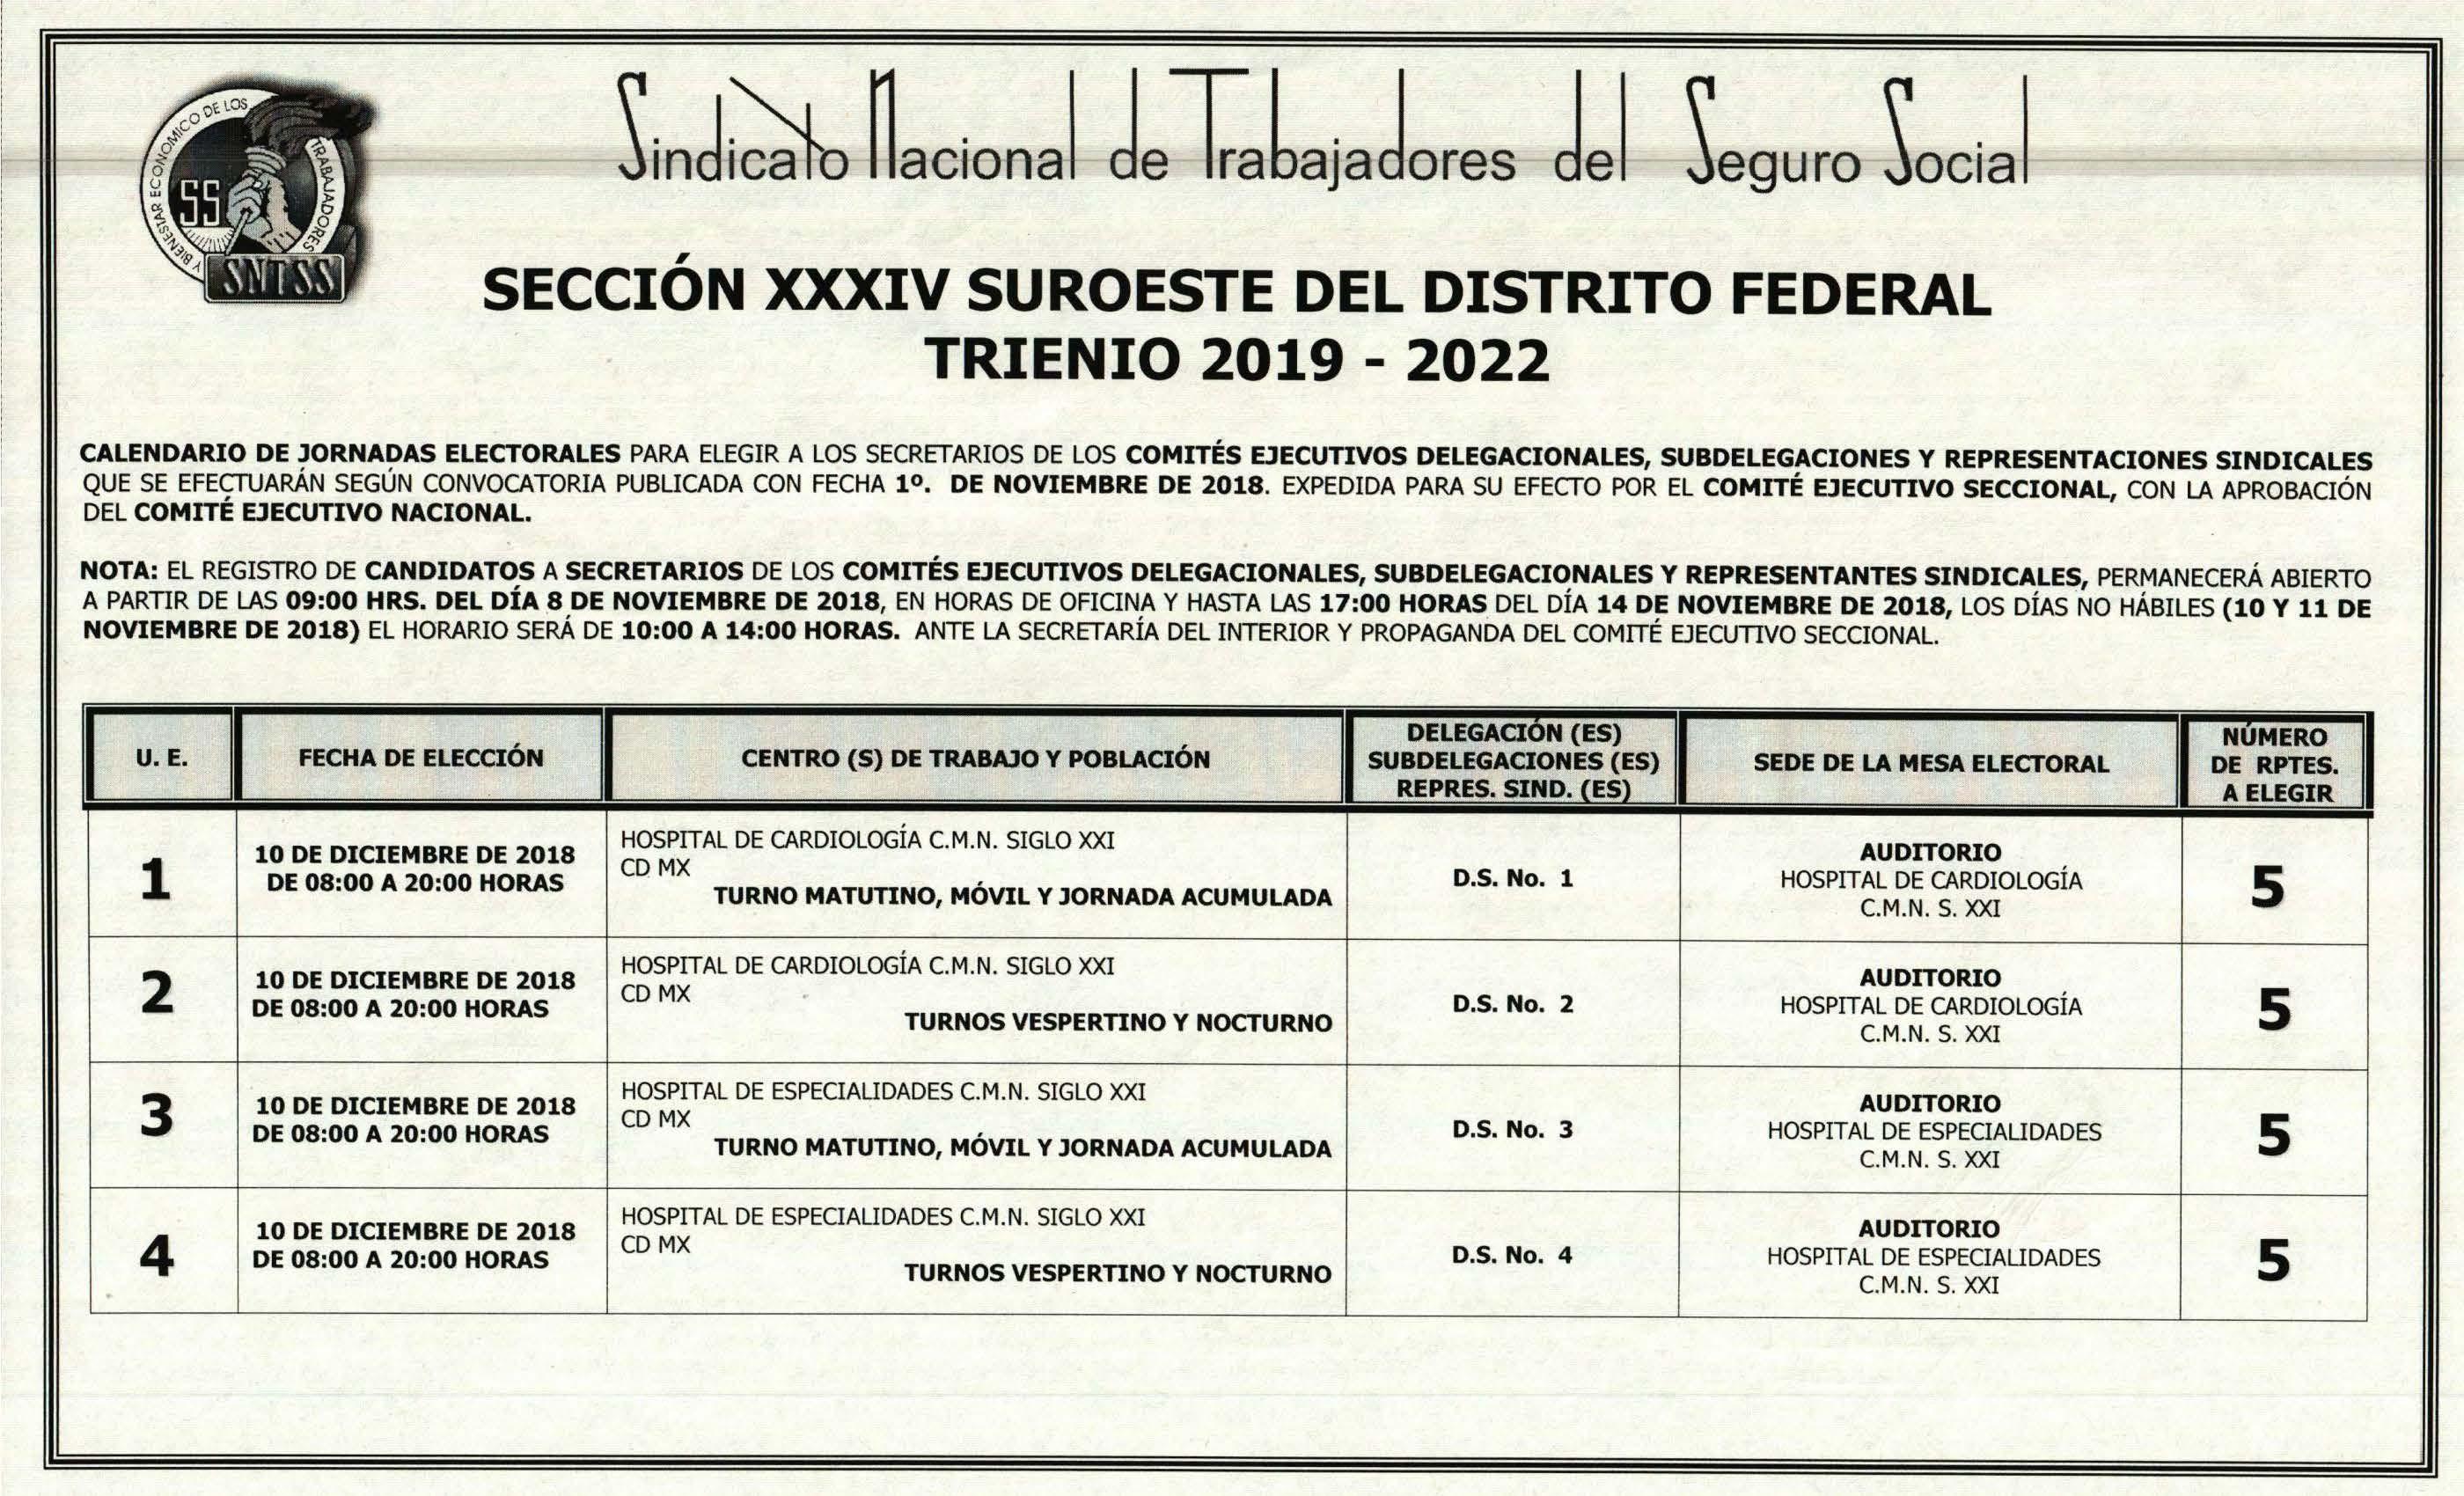 Calendario Escolar 2019 Quintana Roo Más Populares Sntss Secci³n Xxxiv Suroeste Del D F Of Calendario Escolar 2019 Quintana Roo Más Recientes Sntss Secci³n Xxxiv Suroeste Del D F